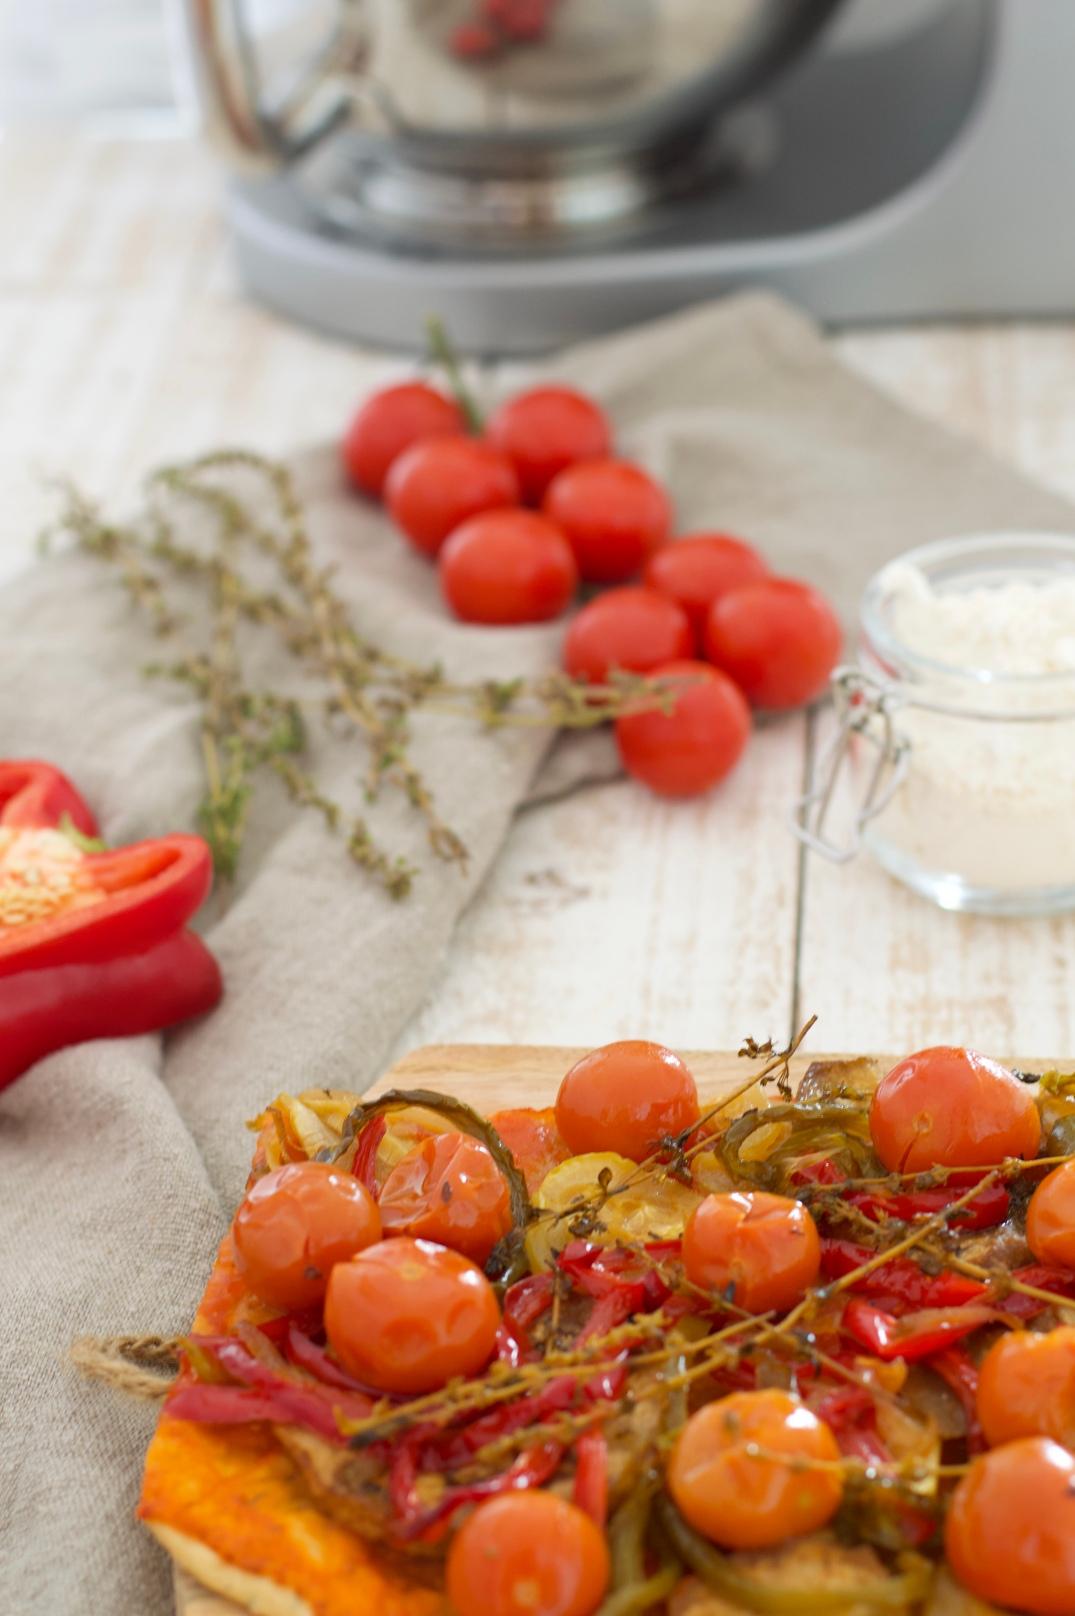 Coca de verduras, indispensable este verano en nuestras mesas